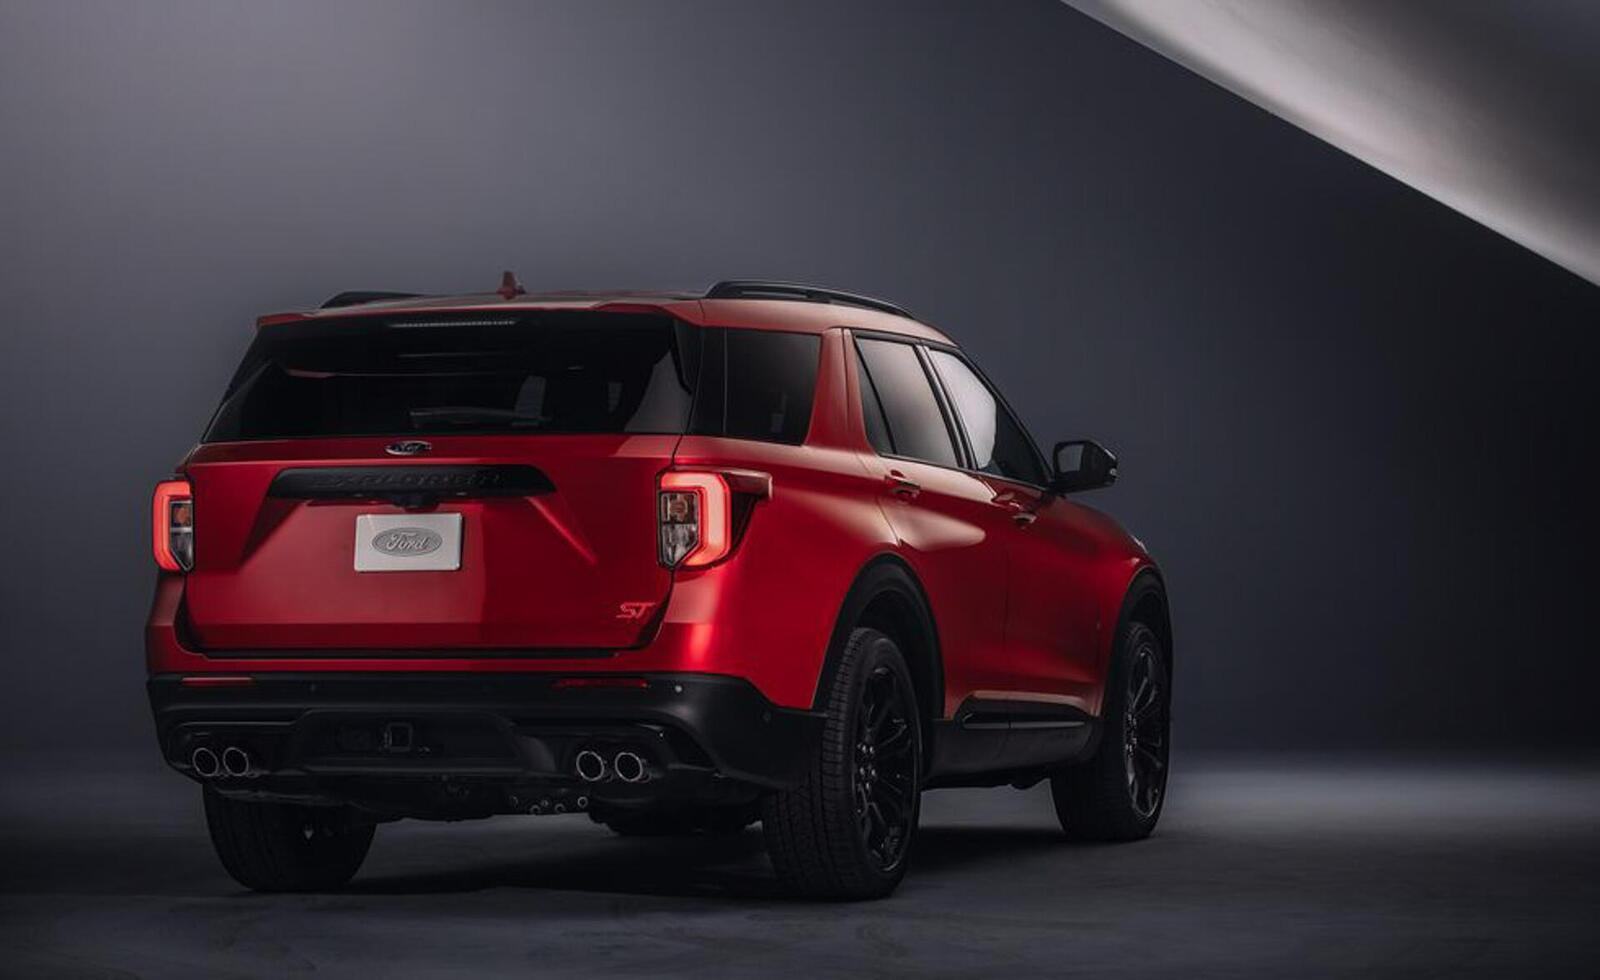 Ford giới thiệu Explorer ST 2020: Phiên bản mạnh nhất lắp máy V6 3.0L tăng áp 400 mã lực - Hình 4